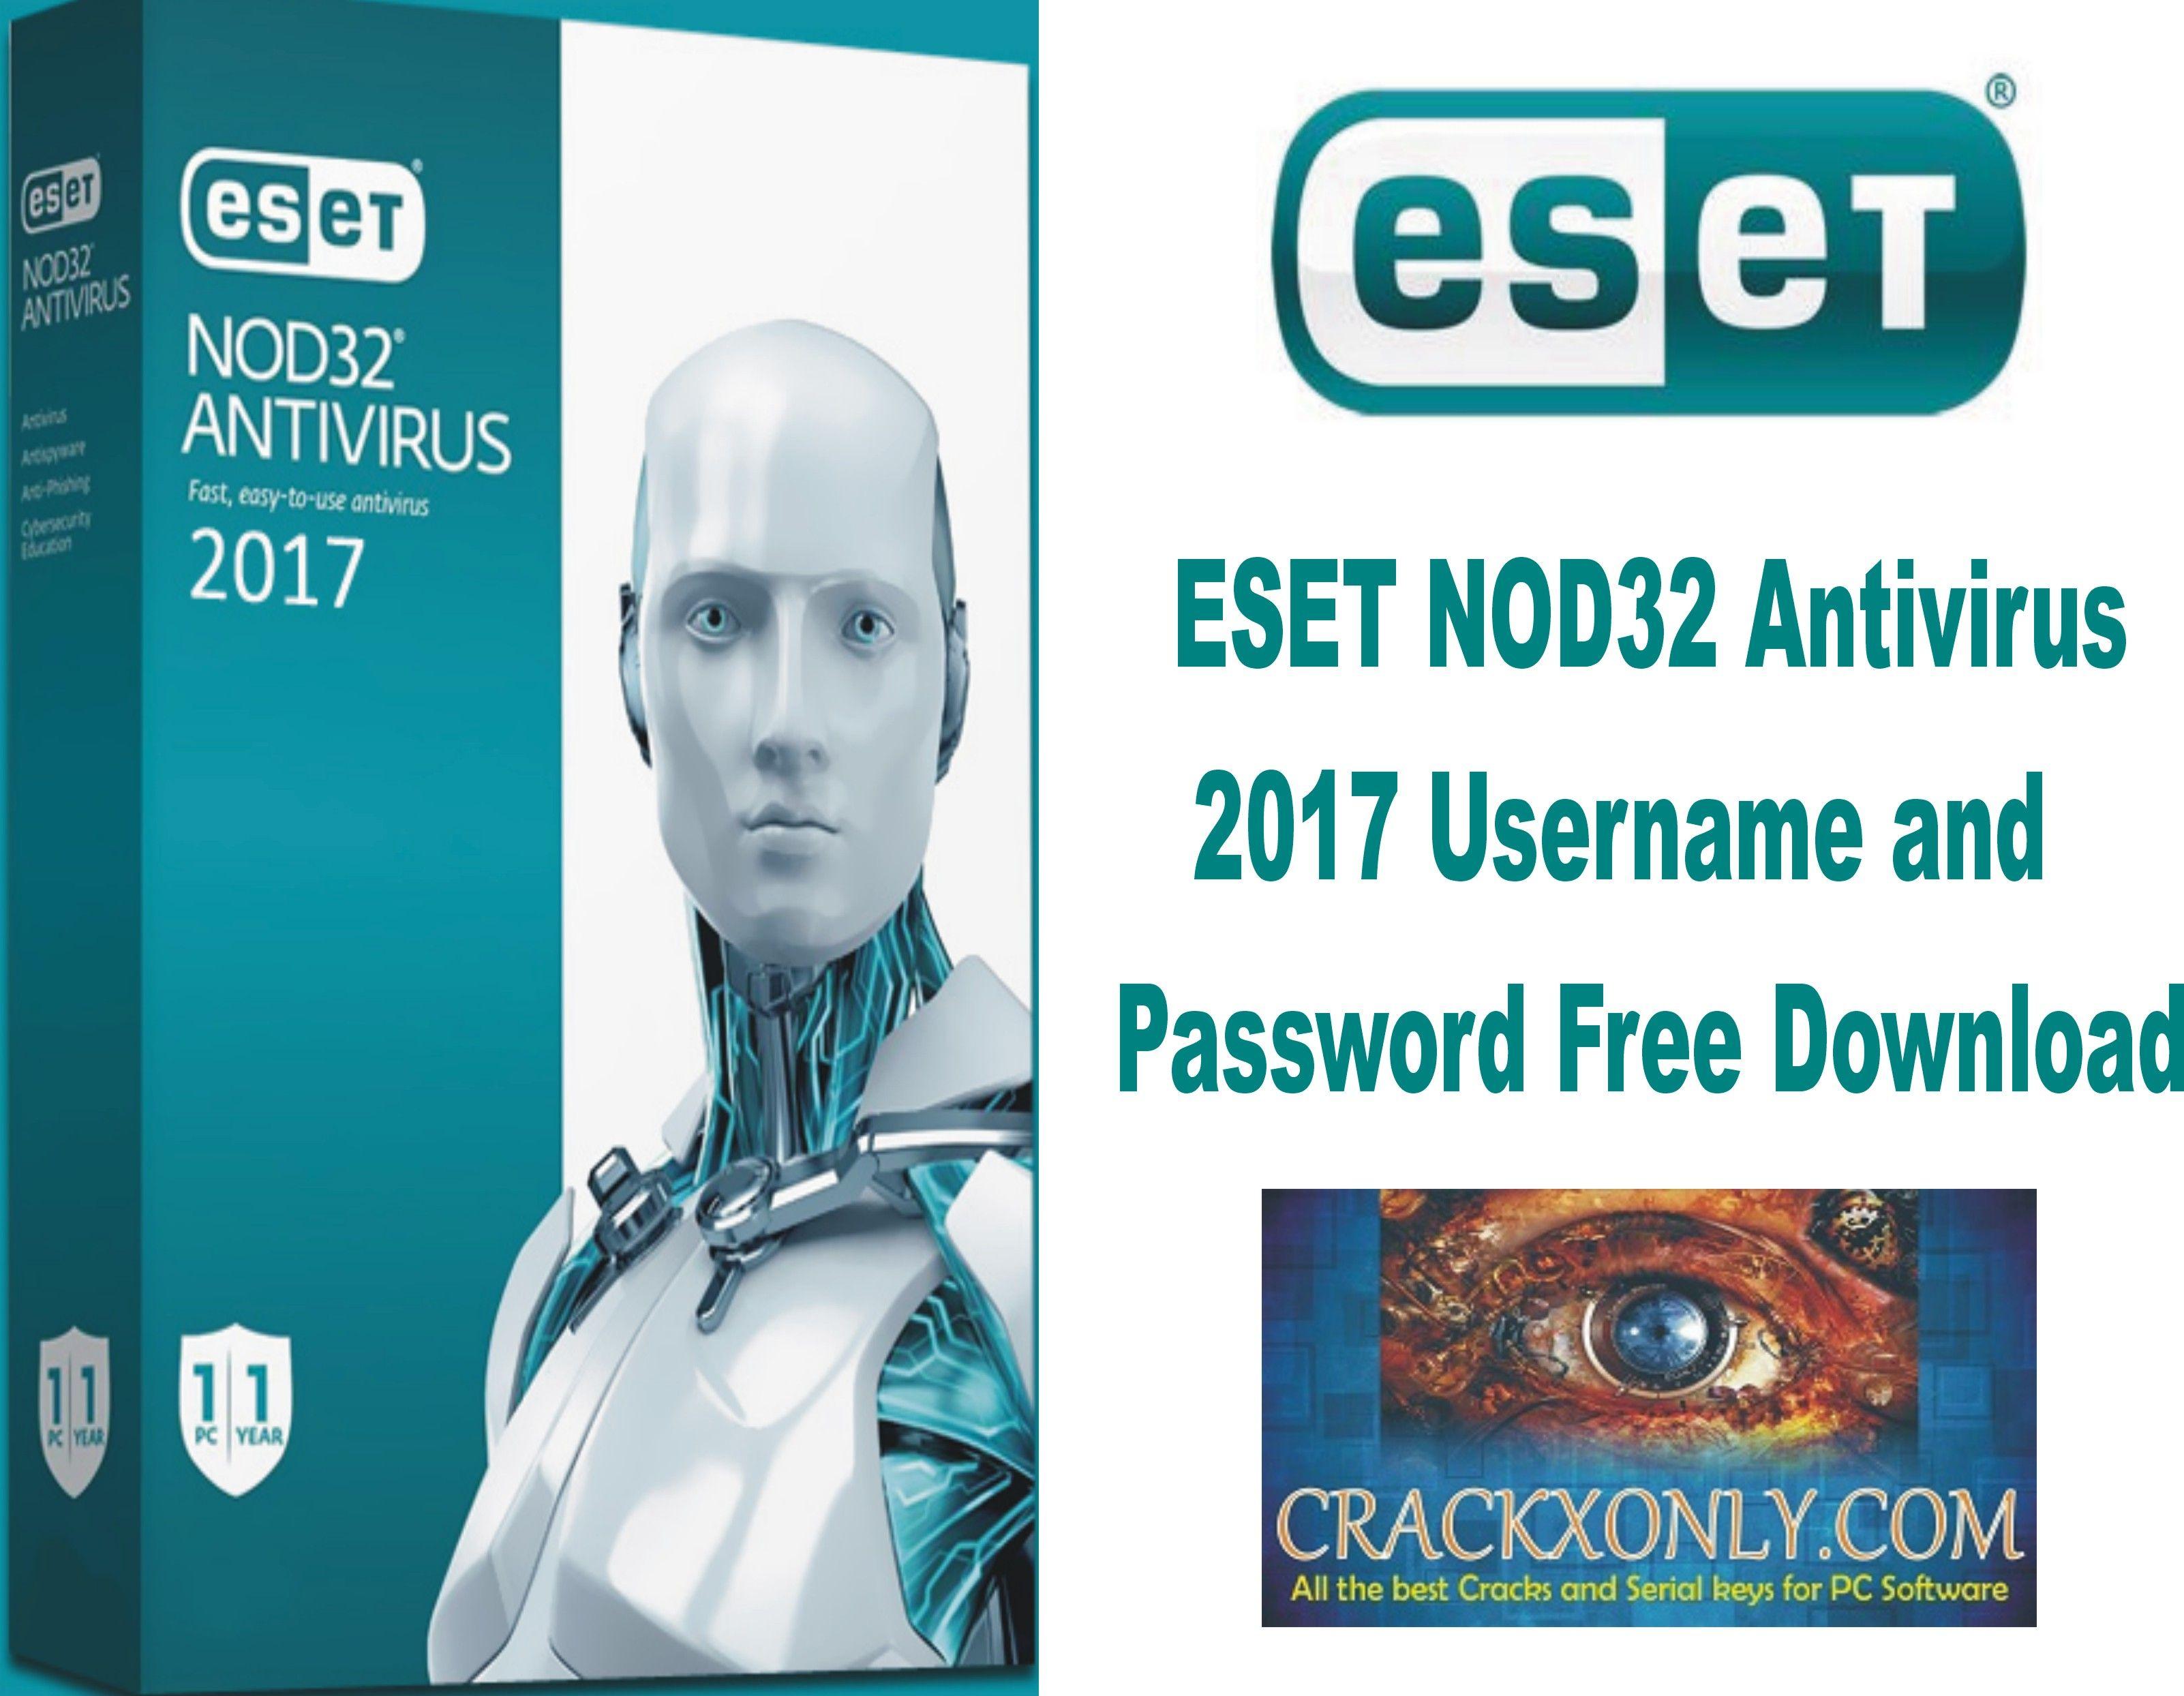 eset nod32 download